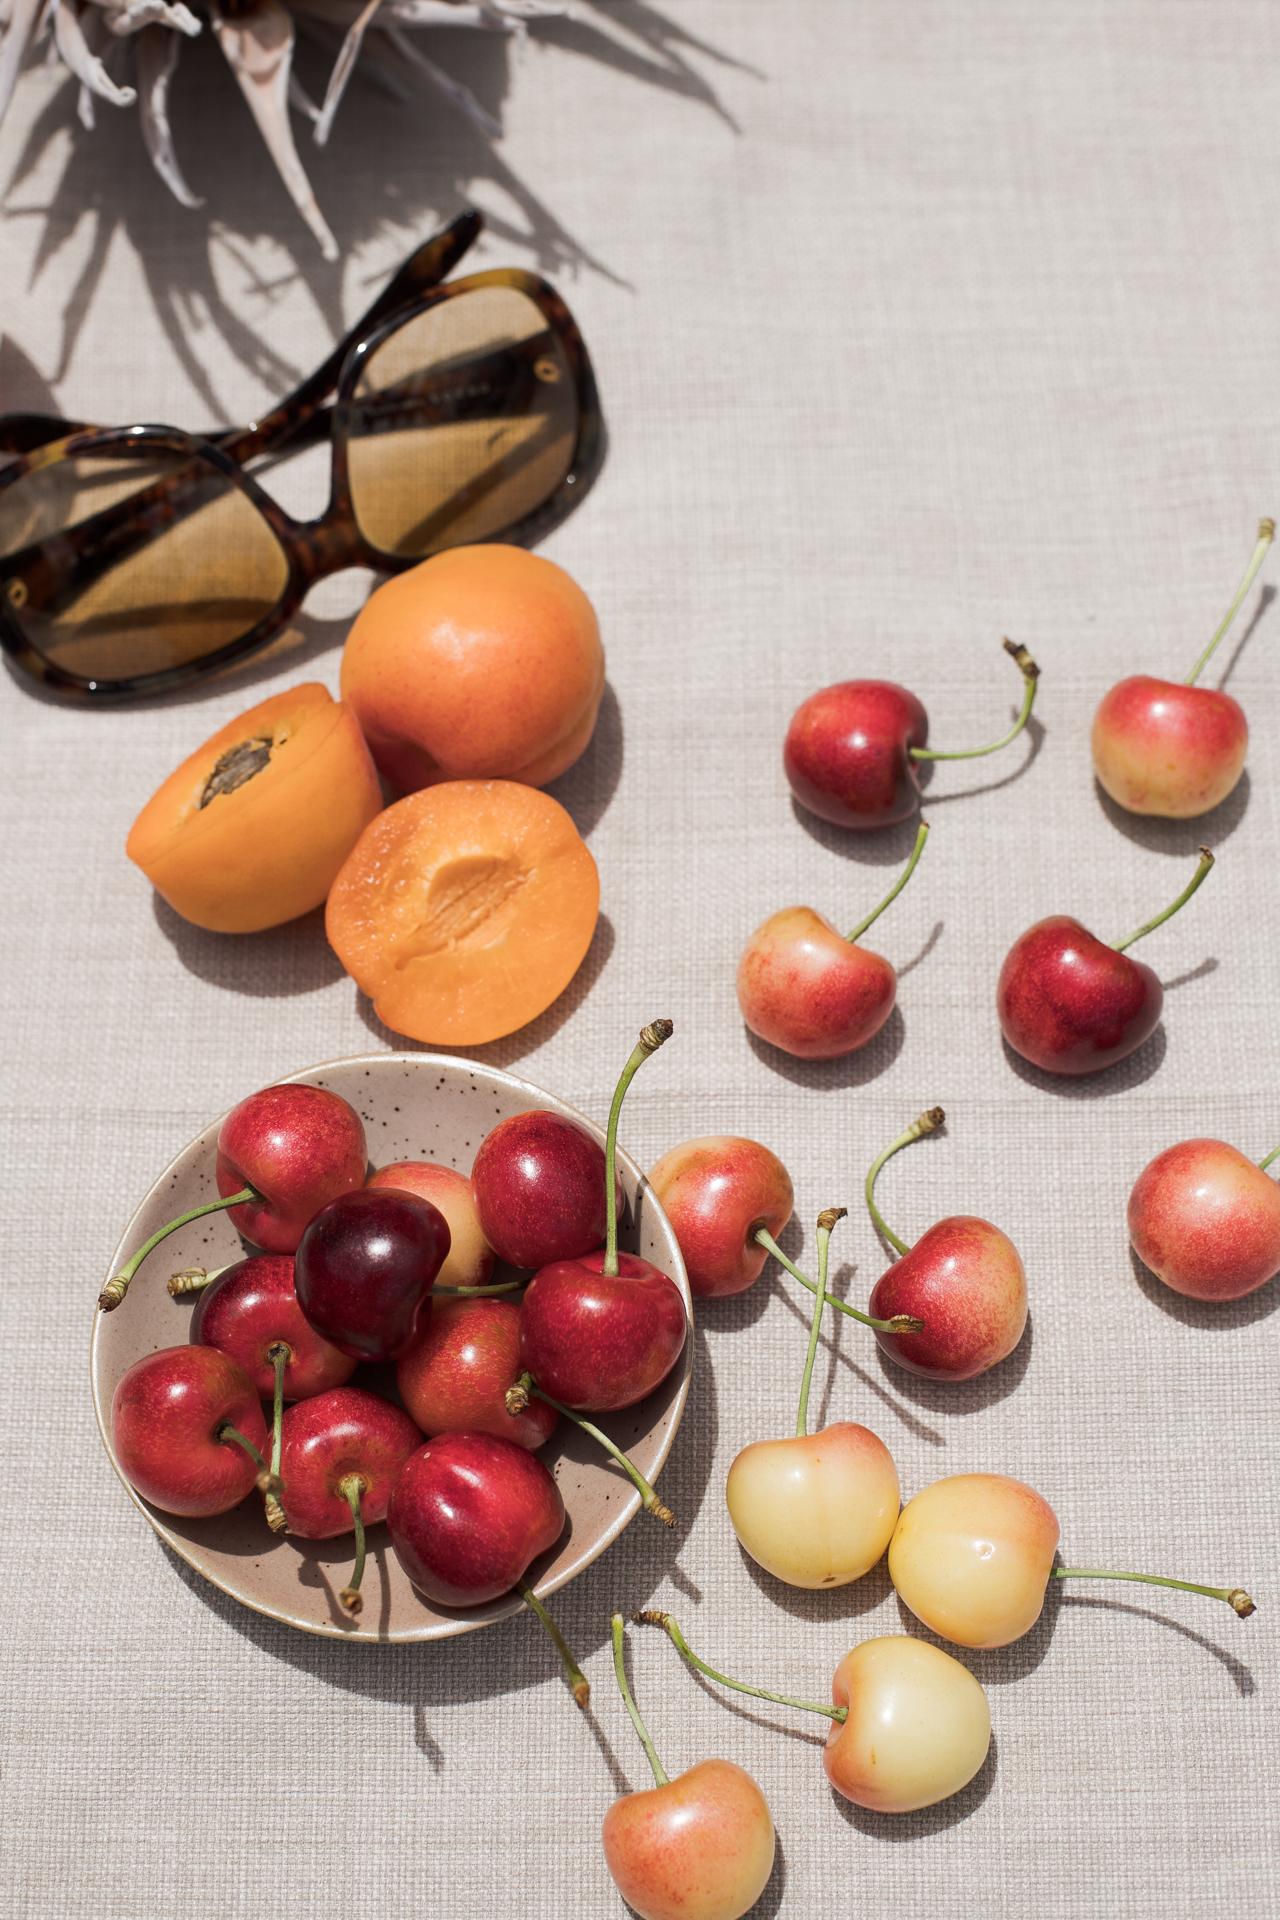 Starletta cherries 2018 (92 of 185).JPG